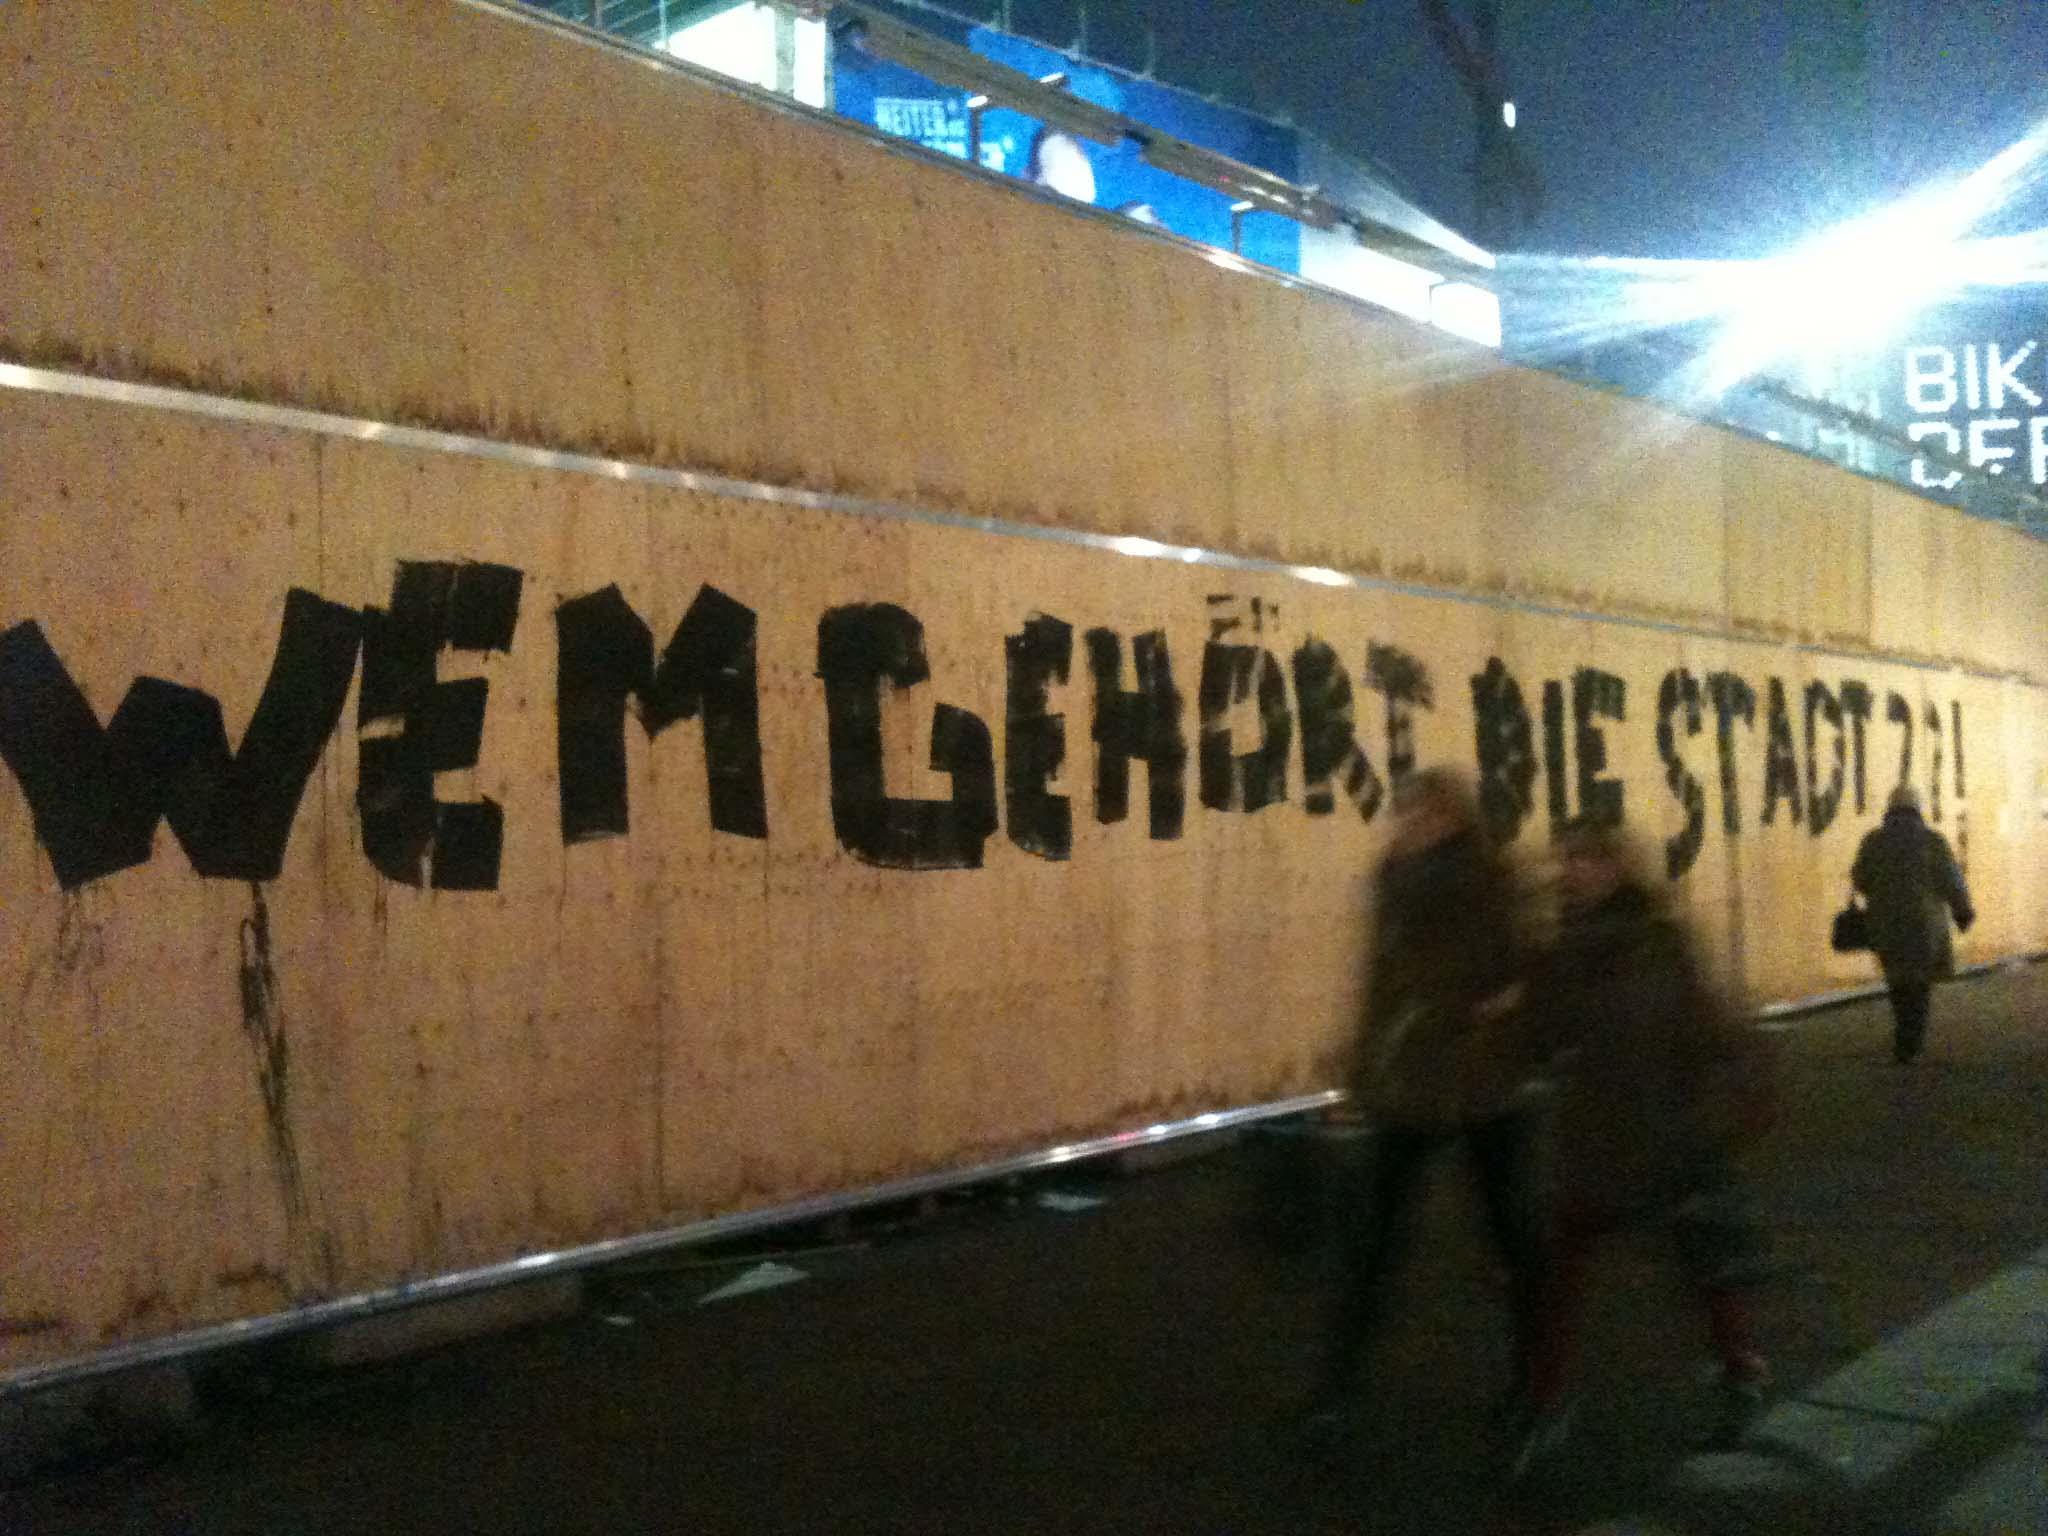 Wem Gehört Die Stadt - Graffiti by Unknown Artist in Berlin